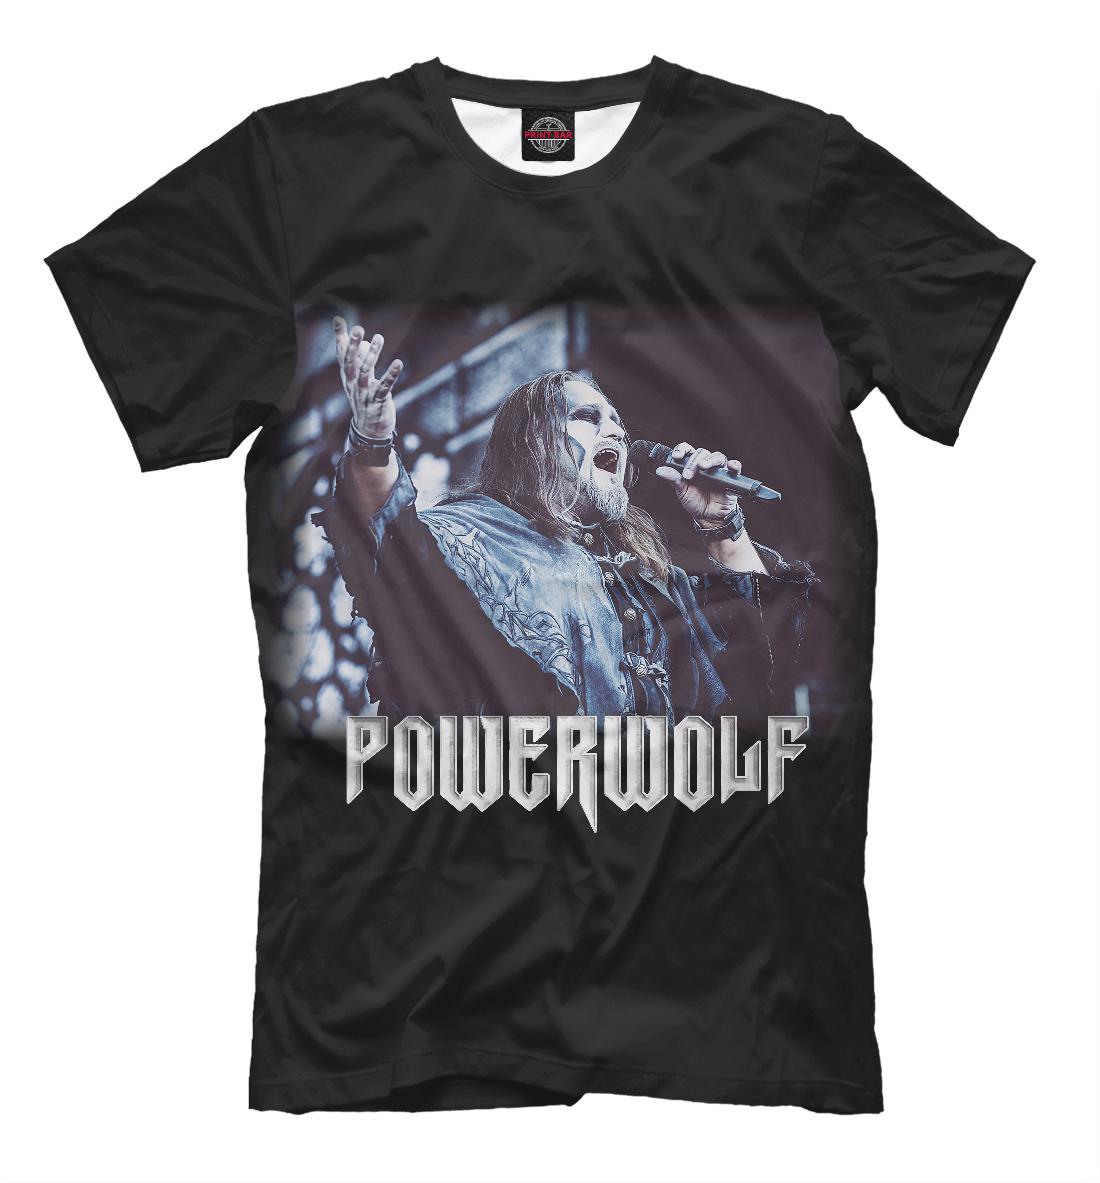 Купить Powerwolf - Attila Dorn, Printbar, Футболки, PWF-453531-fut-2